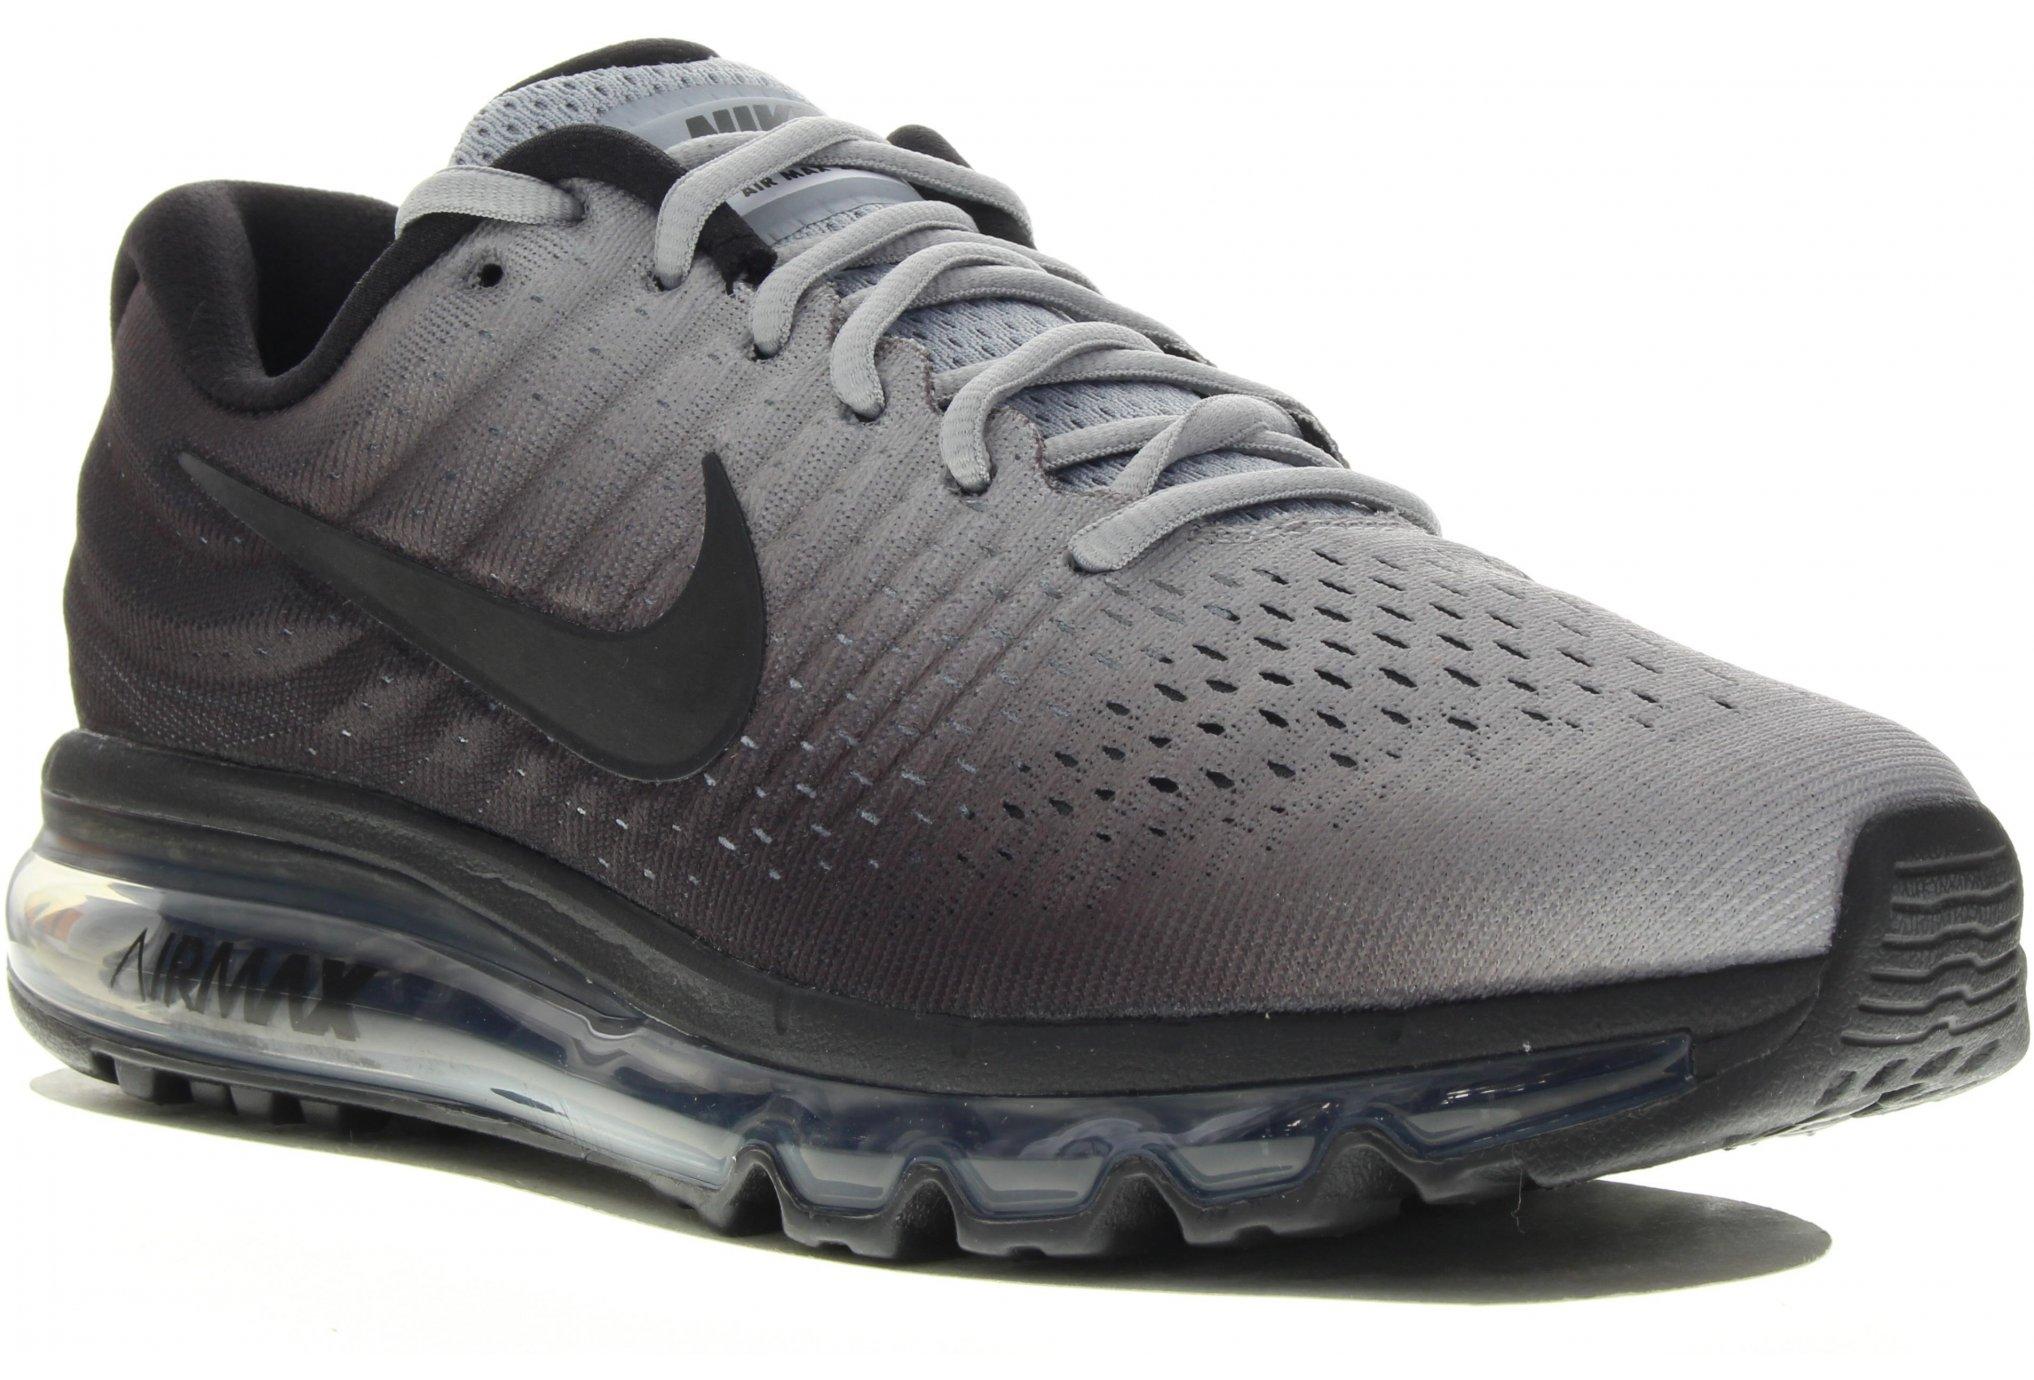 Nordicfit Sport et Santé Nike Air Max M Chaussures homme